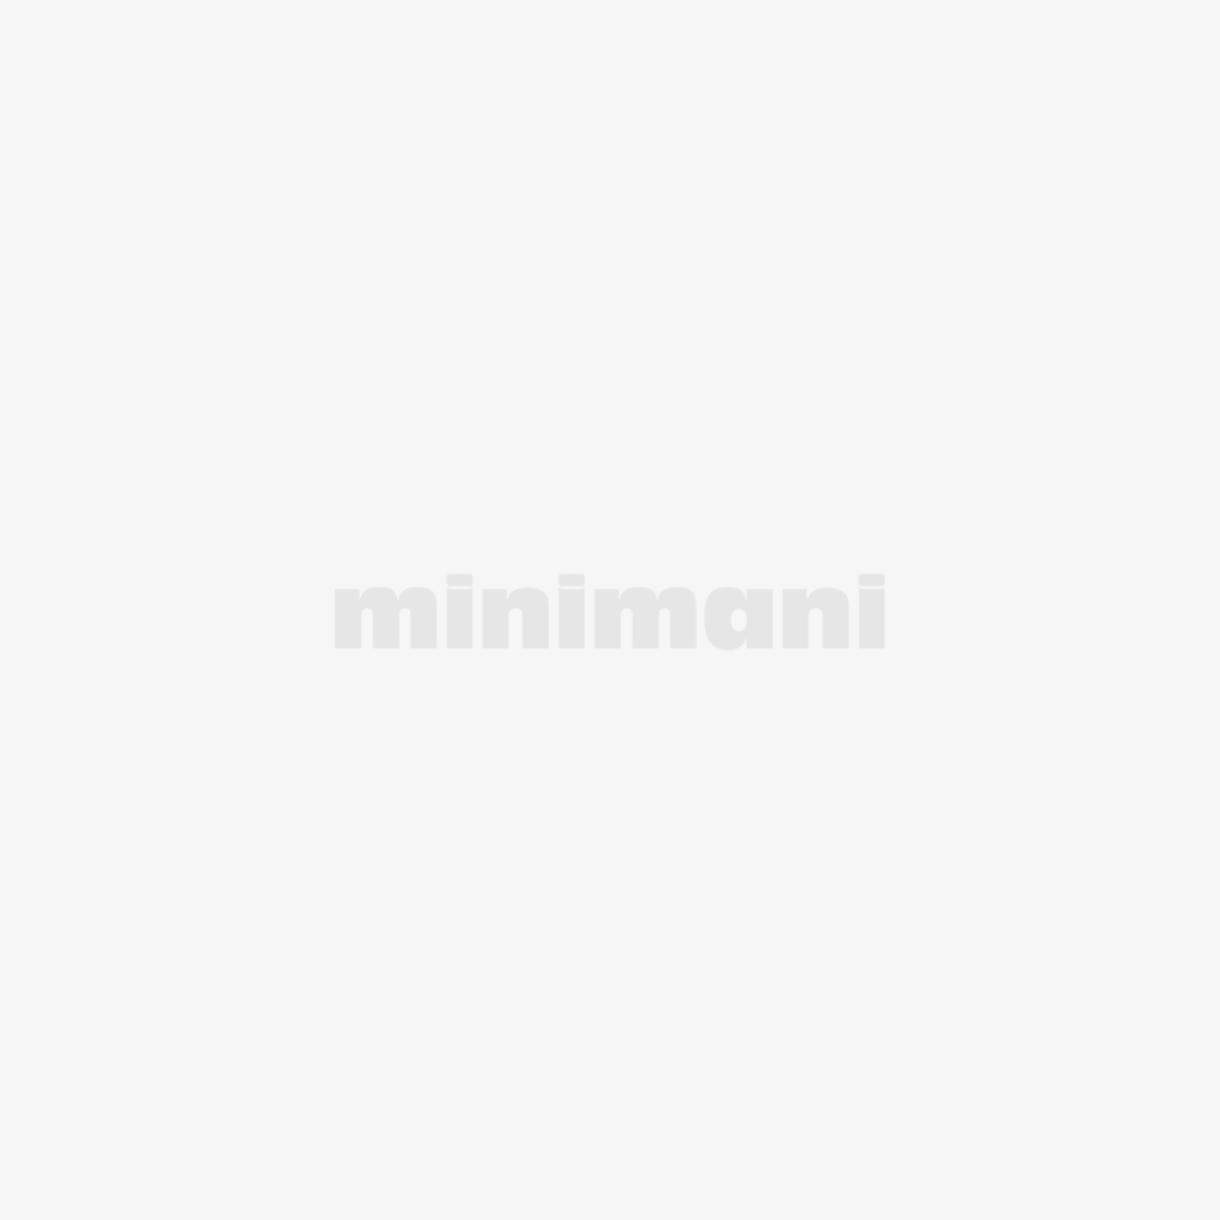 STANLEY LIIMAPUIKKO HM 1-GS230-24